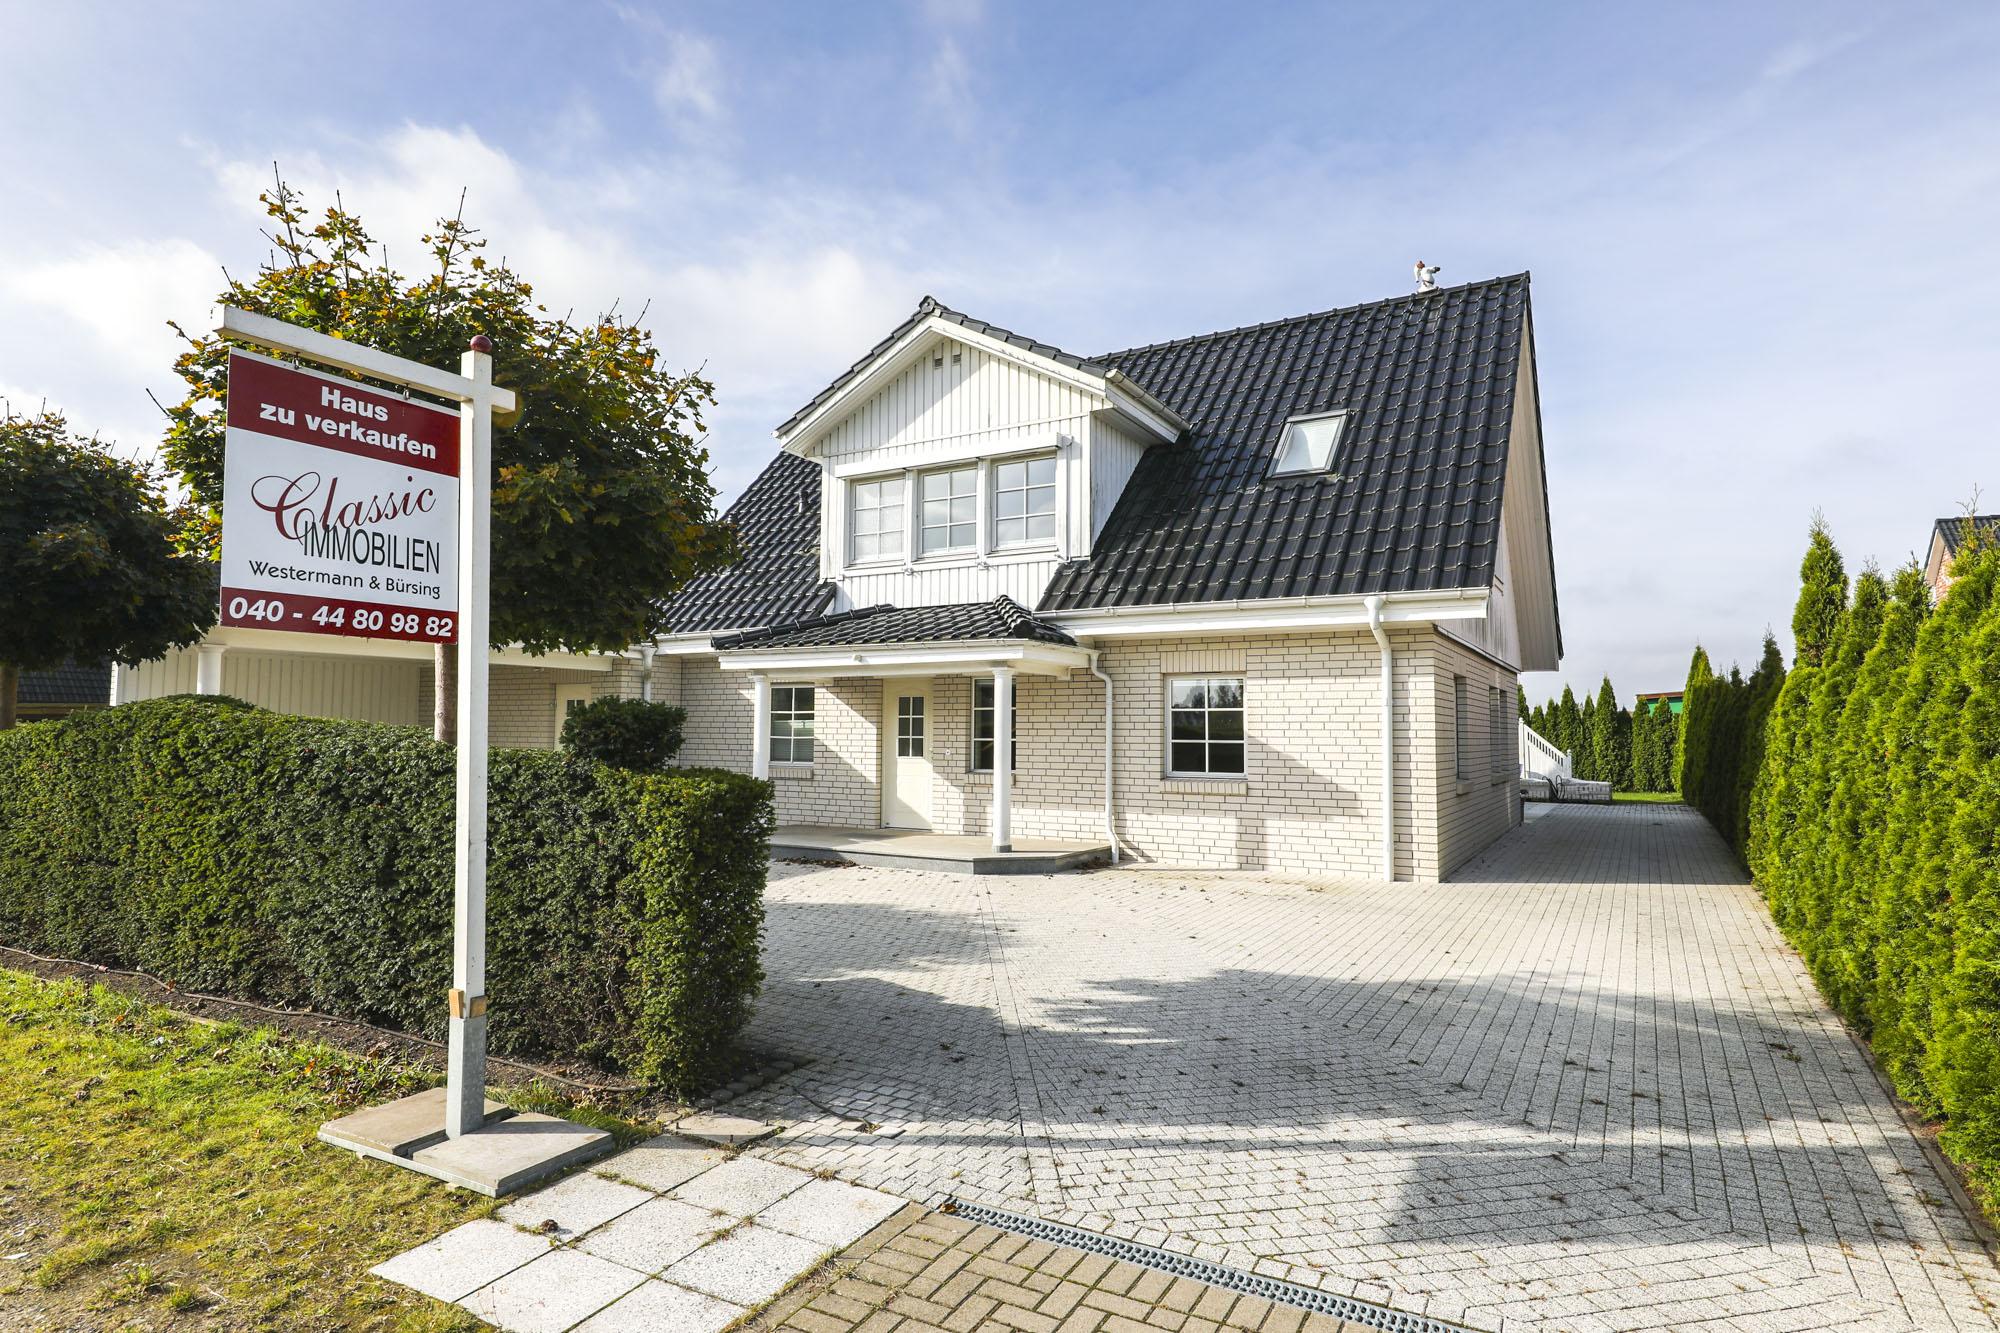 Halstenbek: Energieeffizientes Einfamilienhaus in begehrter Feldrandlage